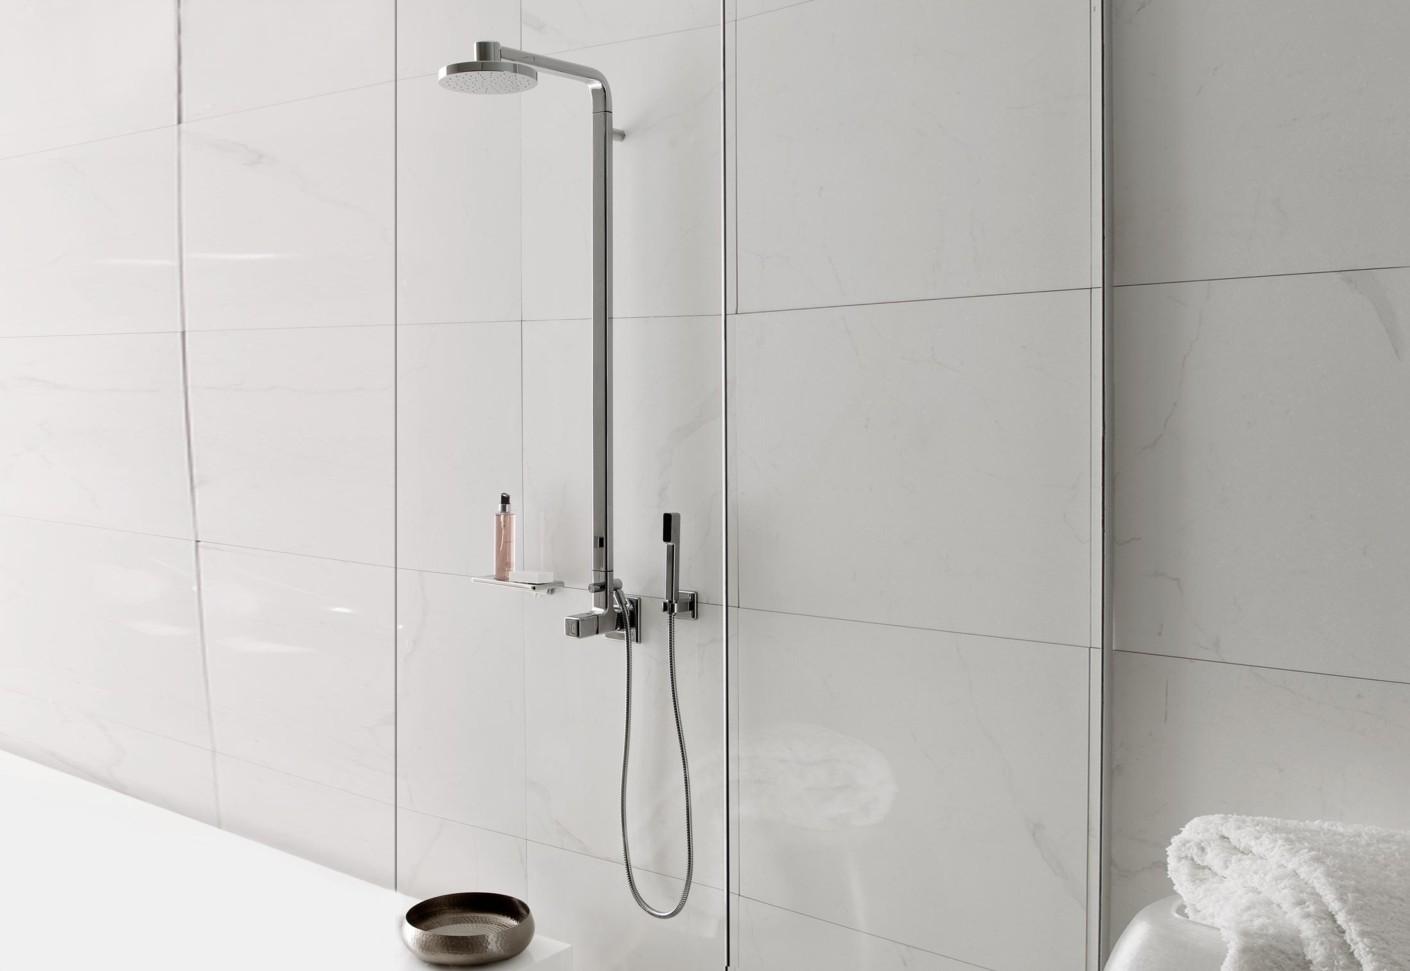 Faraway complete shower column by Zucchetti | STYLEPARK